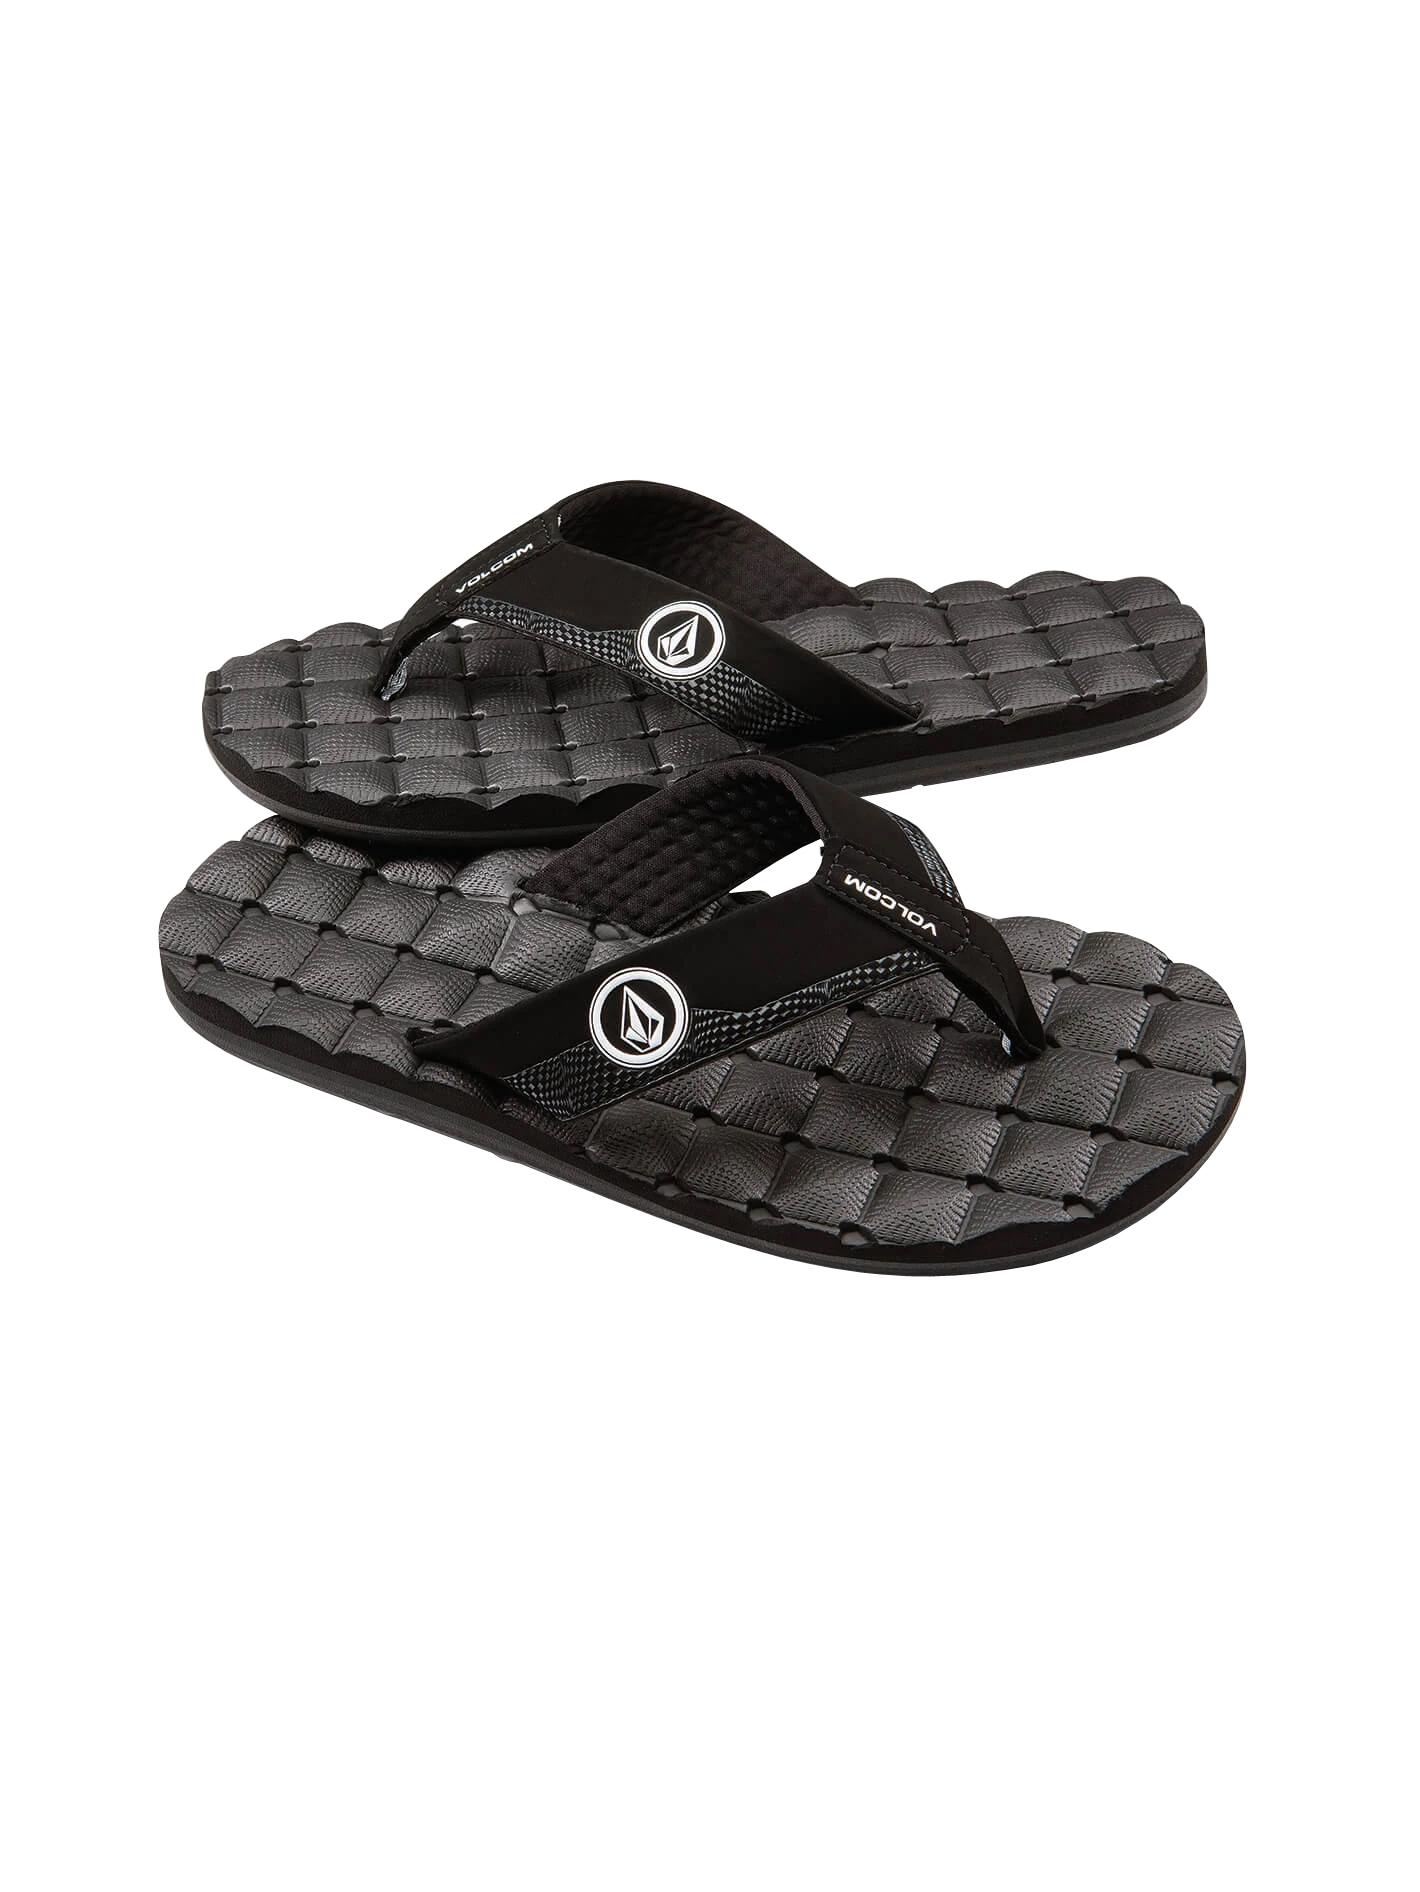 Volcom Kids Recliner Big Youth Flip Flop Sandal